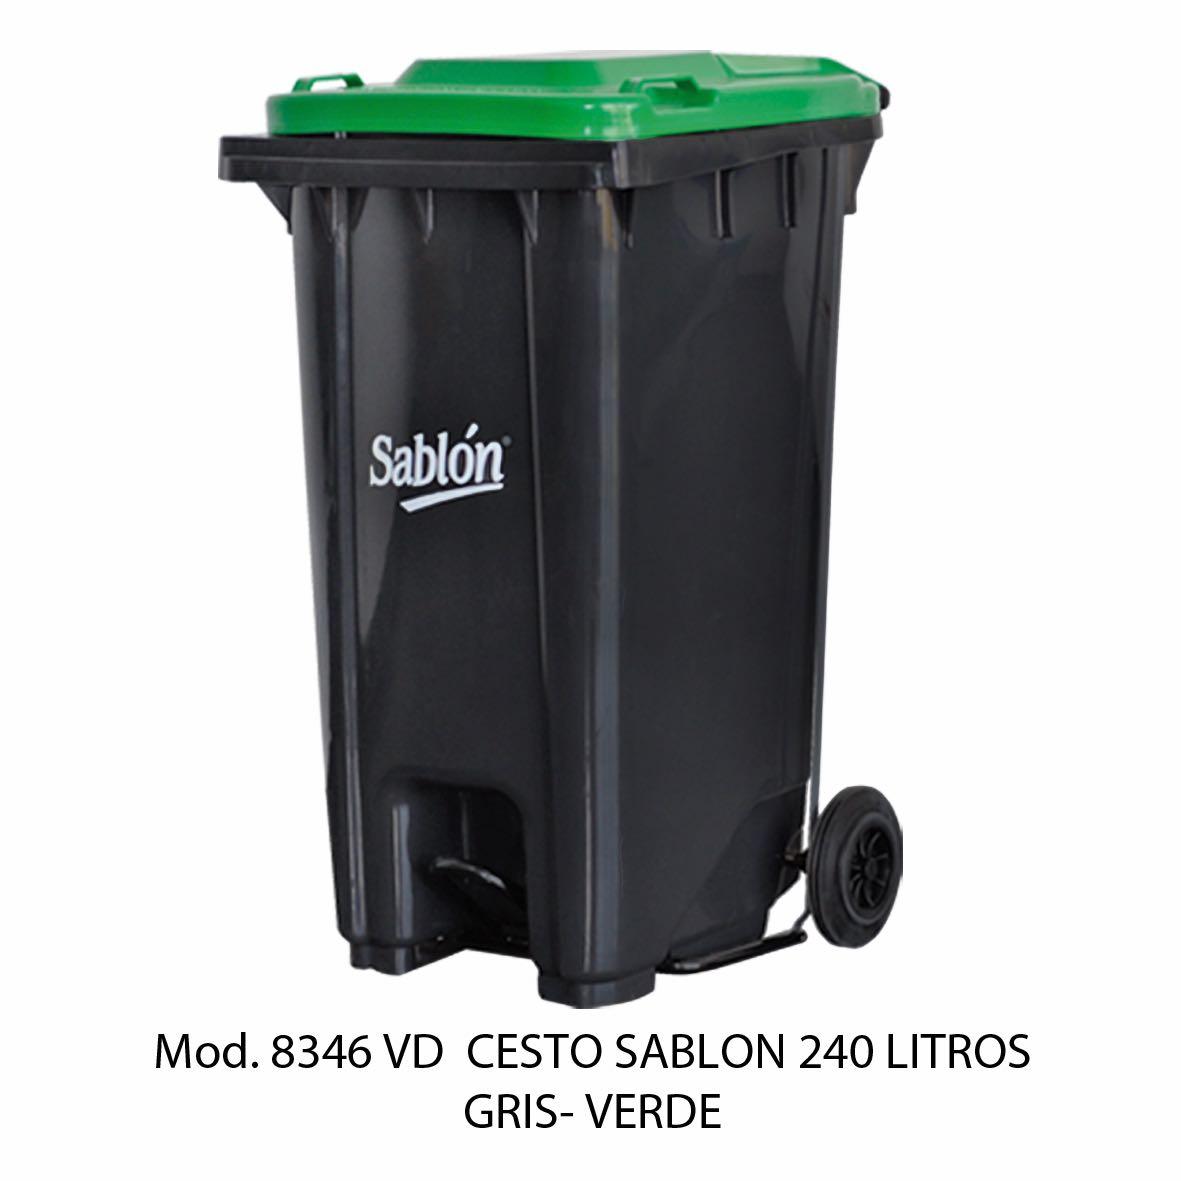 Contenedor de gran capacidad con cuerpo gris y tapa verde - Modelo 8346 VD - Sablón